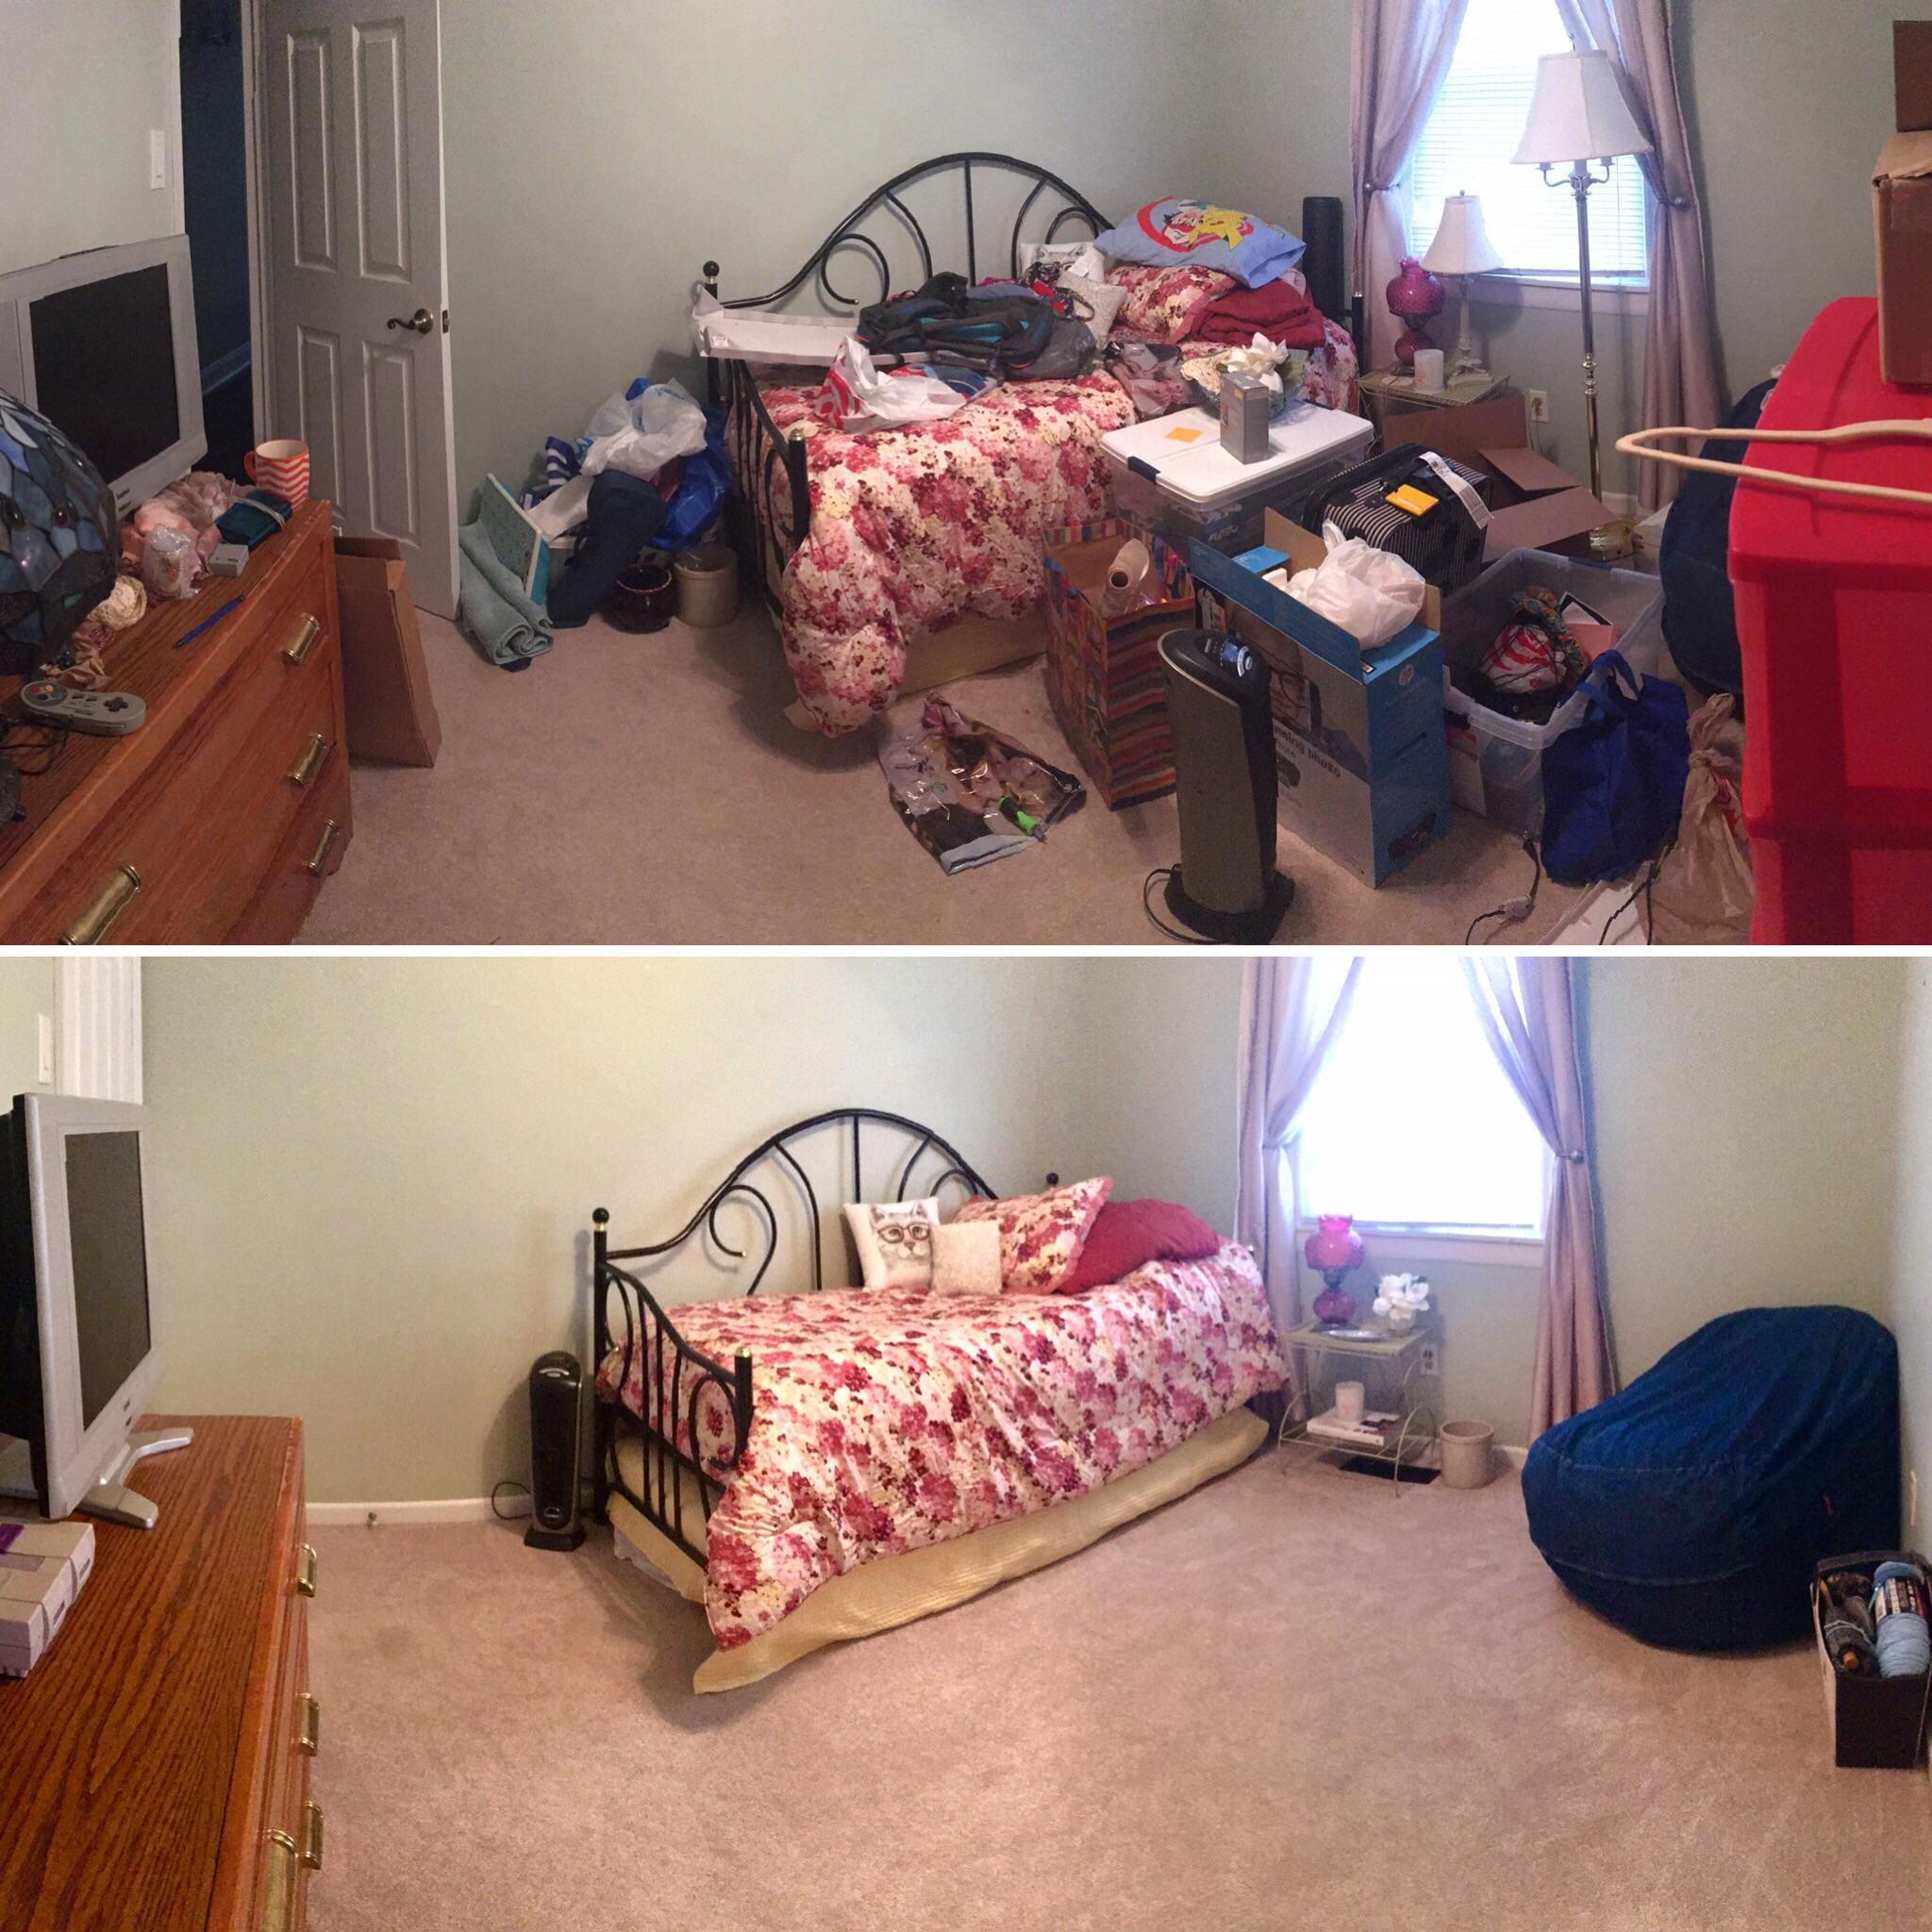 Thu dọn rác trong phòng ngủ mỗi ngày